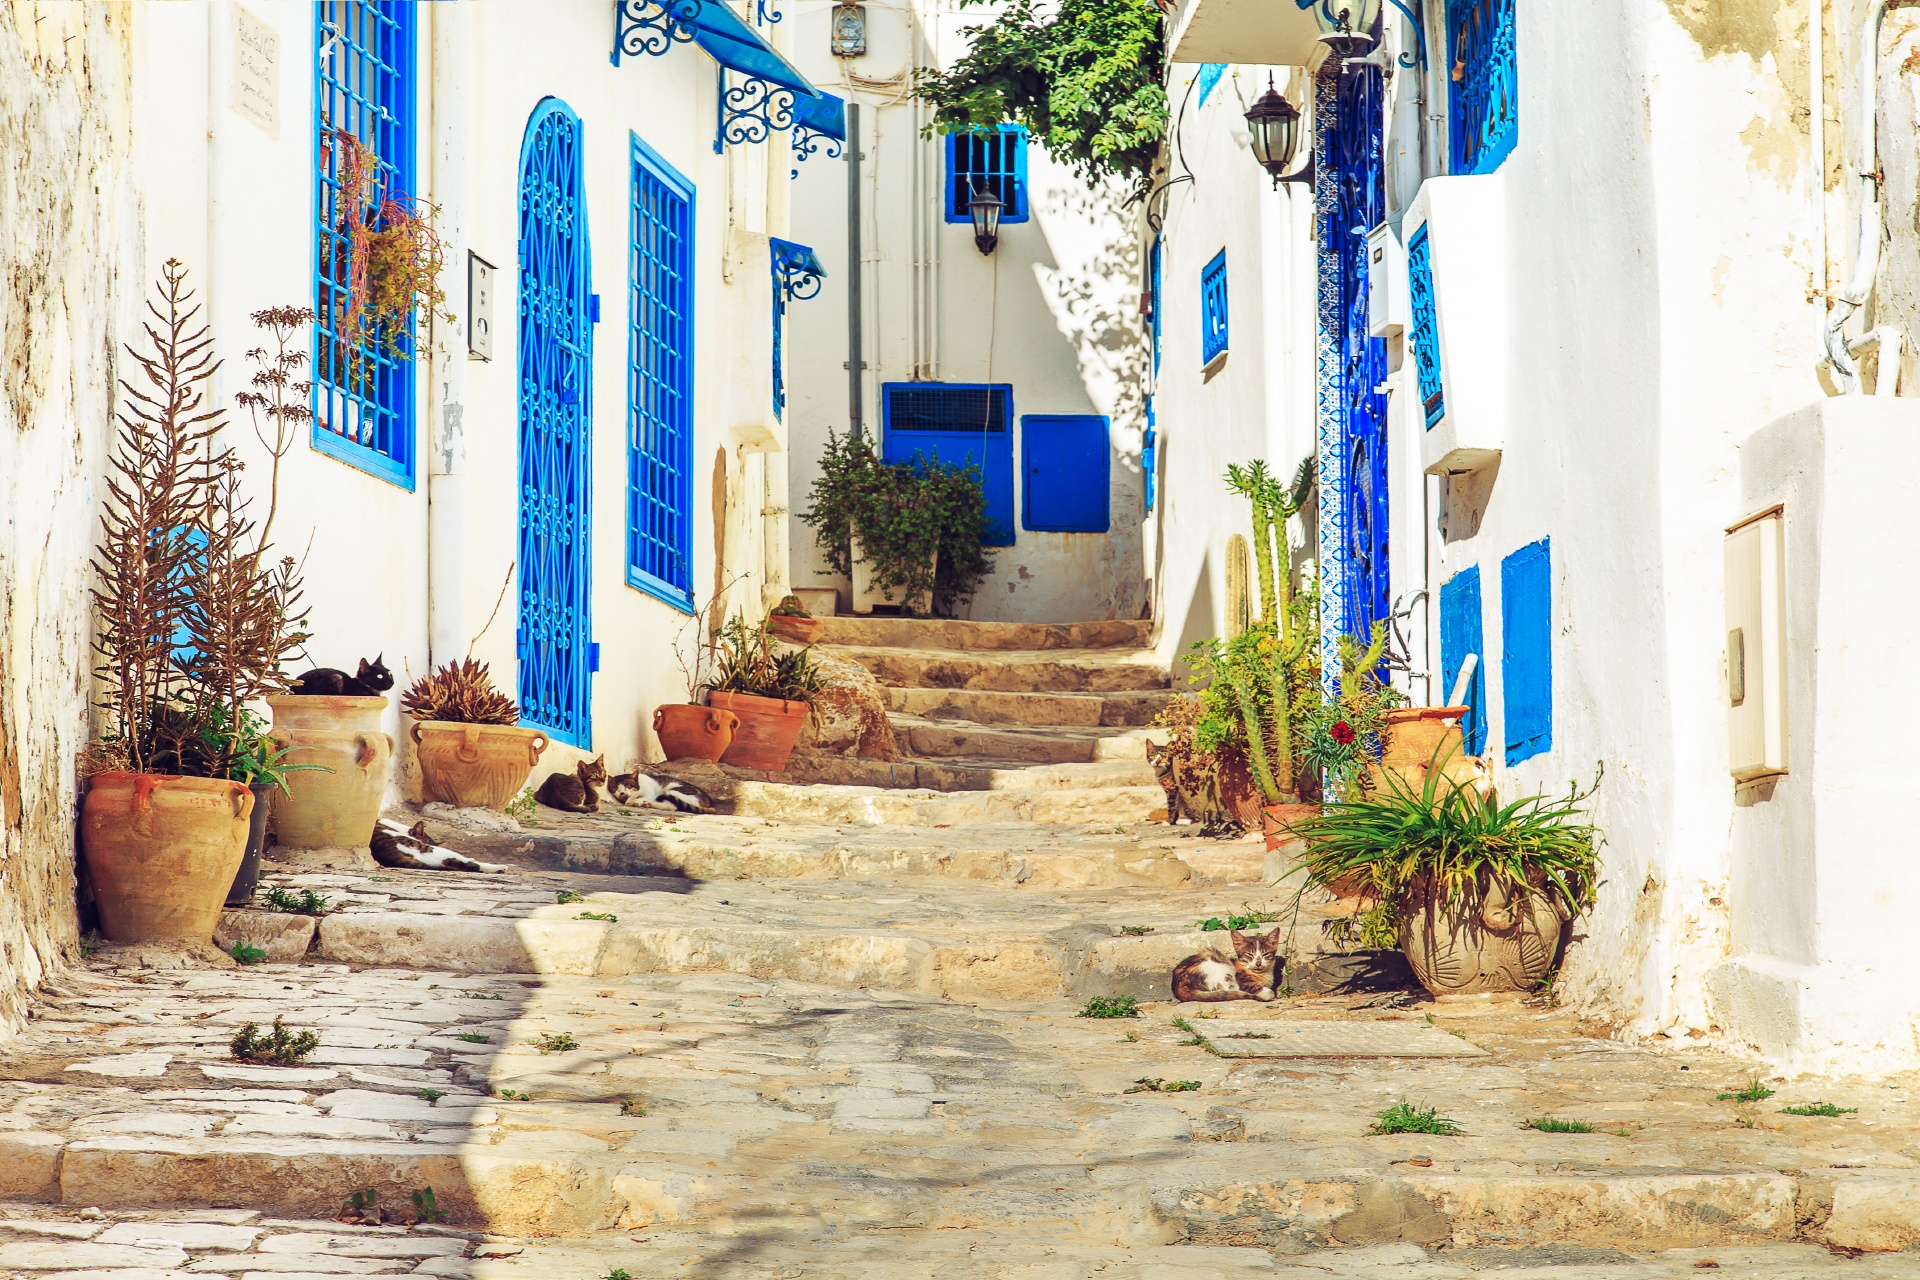 青と白の町 シディ・ブ・サイド チュニジアの風景